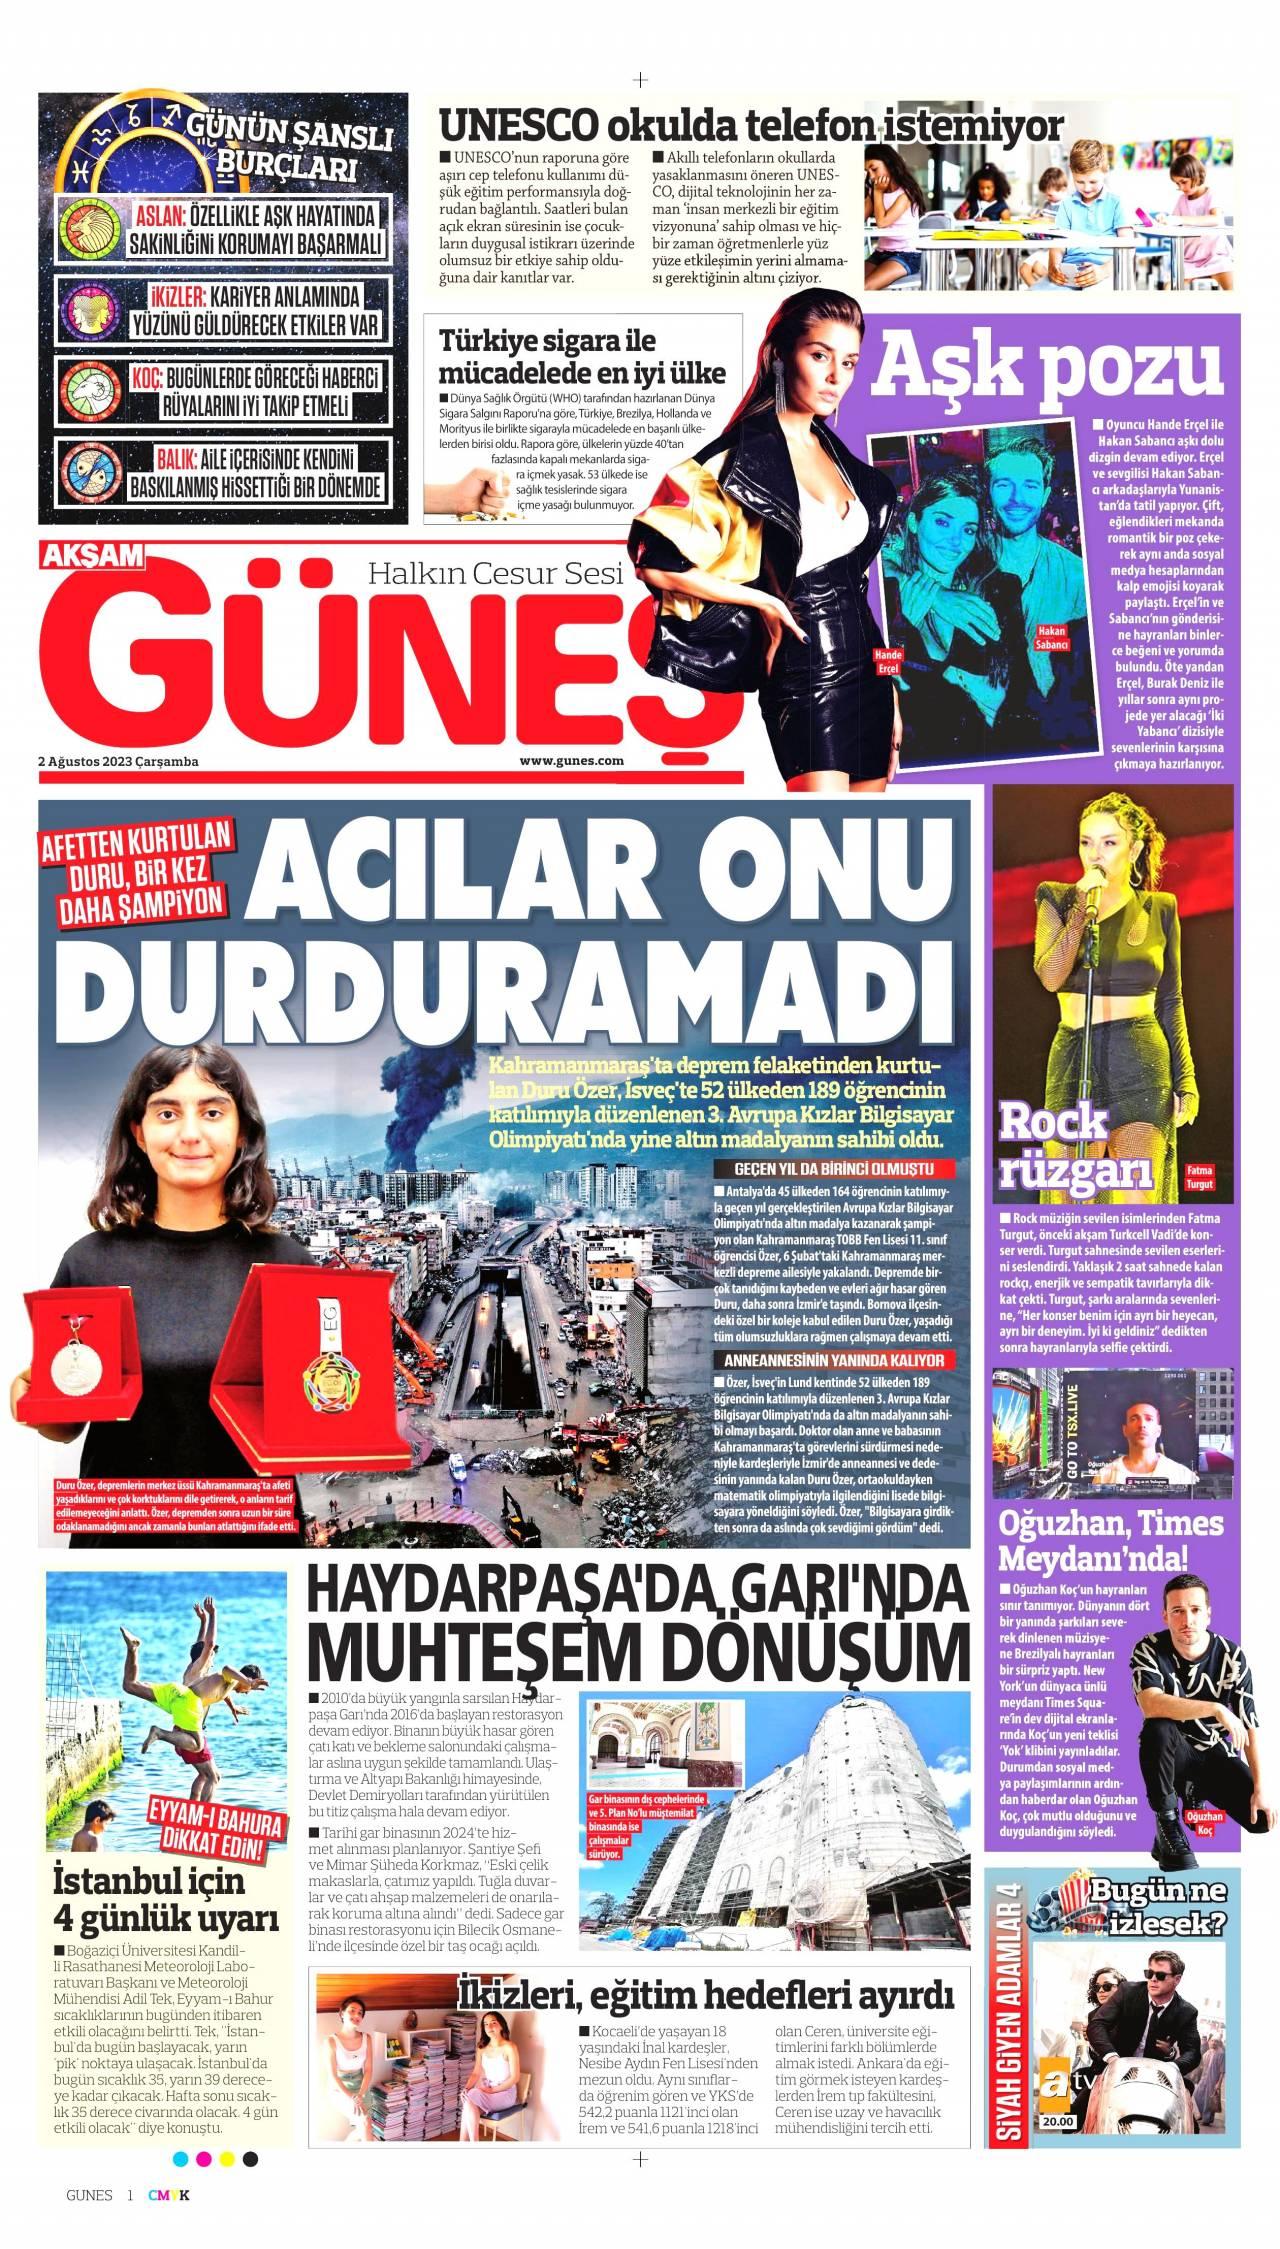 Günes Gazetesi